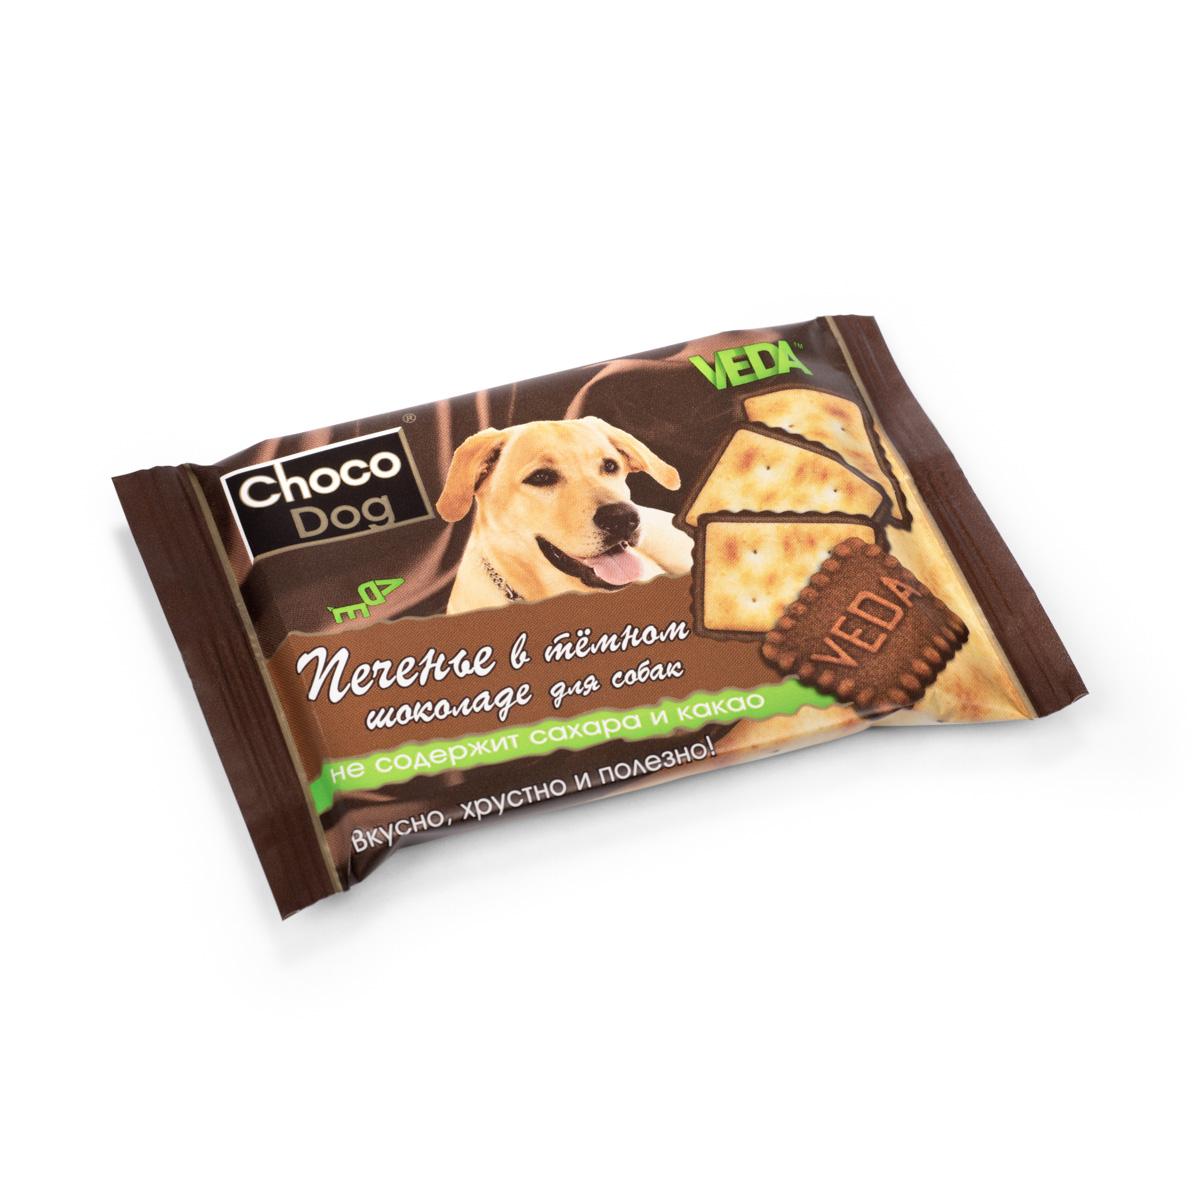 Choco Dog печенье в темном шоколаде лакомство для собак в шоу-боксе, 14х30г4605543006630Лакомства содержат натуральные ингредиенты, богатые биологически активными веществами, витаминами, макро и микроэлементами. В состав темного шоколада входит альбумин, который содержит специально подготовленное железо, полностью усваиваемое организмом. Состав печенья в белом шоколаде разработан с учетом животных склонных к аллергическим реакциям. Печенье в молочном шоколаде содержит значительное количество молока, что благотворно влияет на формирование молодого организма. И шоколад и печенье разработаны с учетом физиологических особенностей собак, поэтому не содержат САХАР и КАКАО.